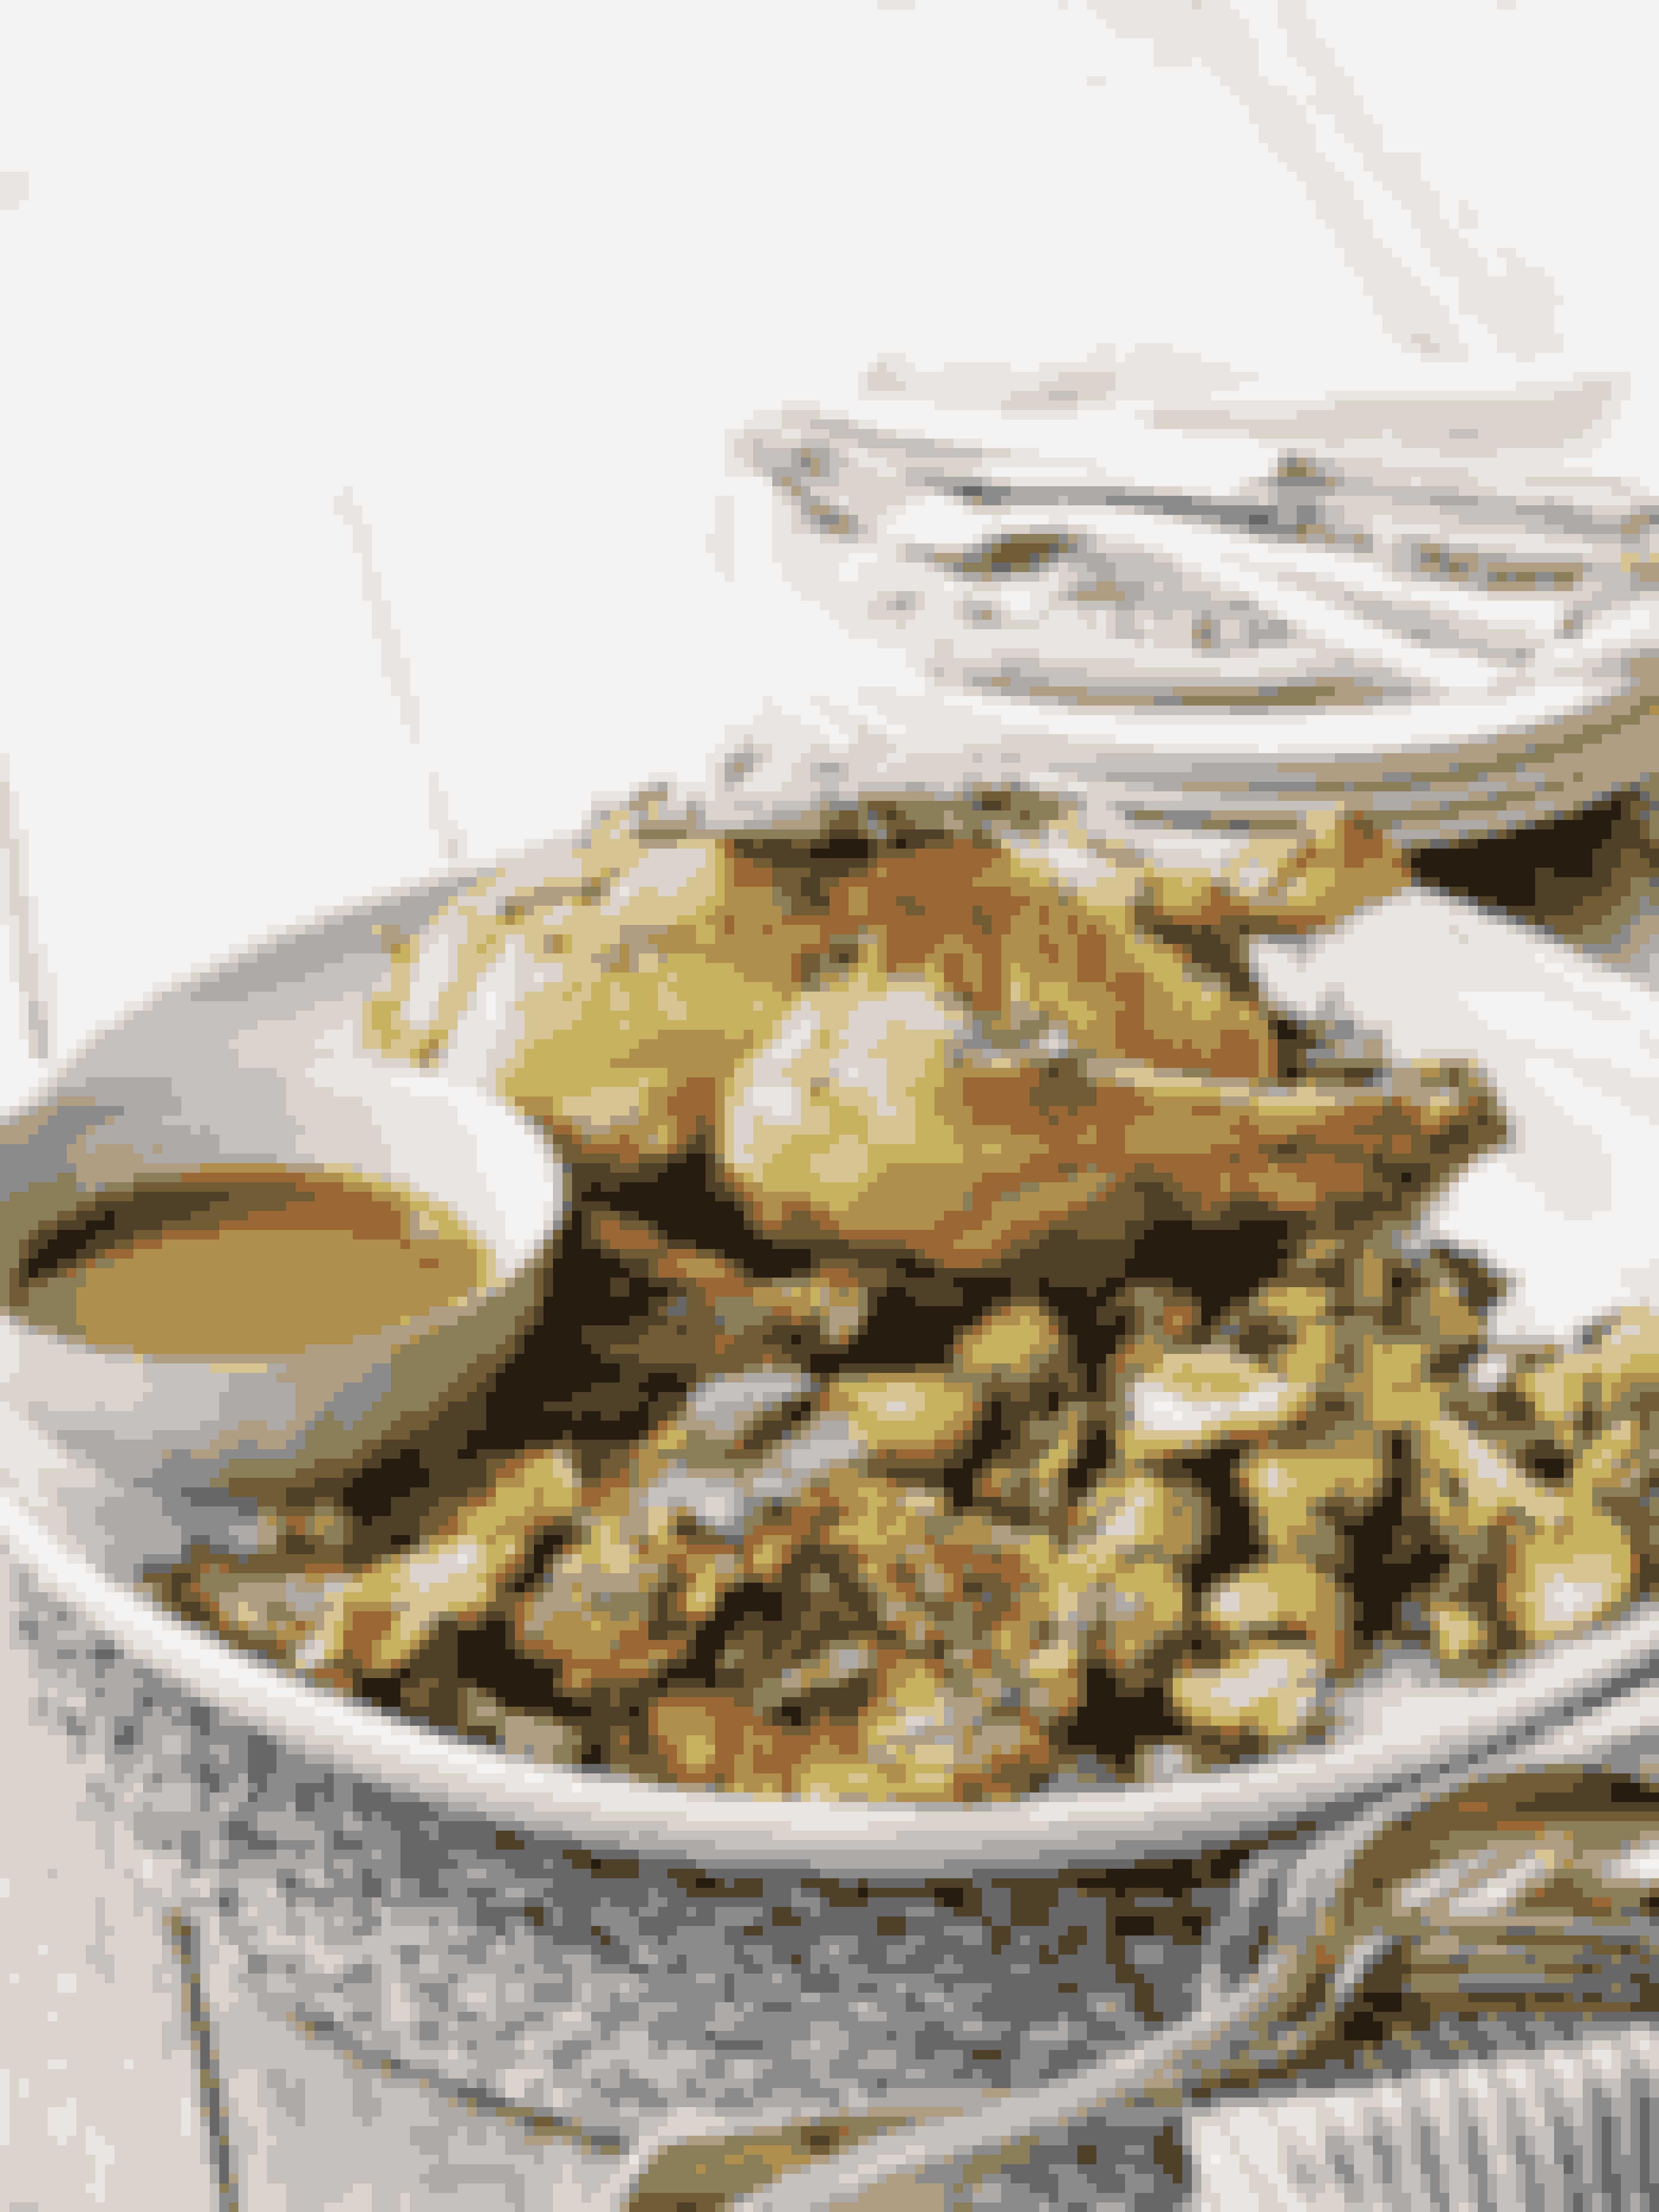 Den gode gammeldags: Grydestegt landkylling med røsti og rosenkålTil dig, som elsker gammeldags mad med lækker, mør kylling og en dejlig sovs. Rosenkål kan skiftes ud med en anden lækker salat og røstien med den slags kartoffel, du bedst kan lide. Mums! Se opskriften her.Tip!Denne ret er måske bedst til dig, som holder en lidt mindre konfirmation - kyllingen tager nemlig lidt ekstra tid at lave, fordi den skal steges hel.